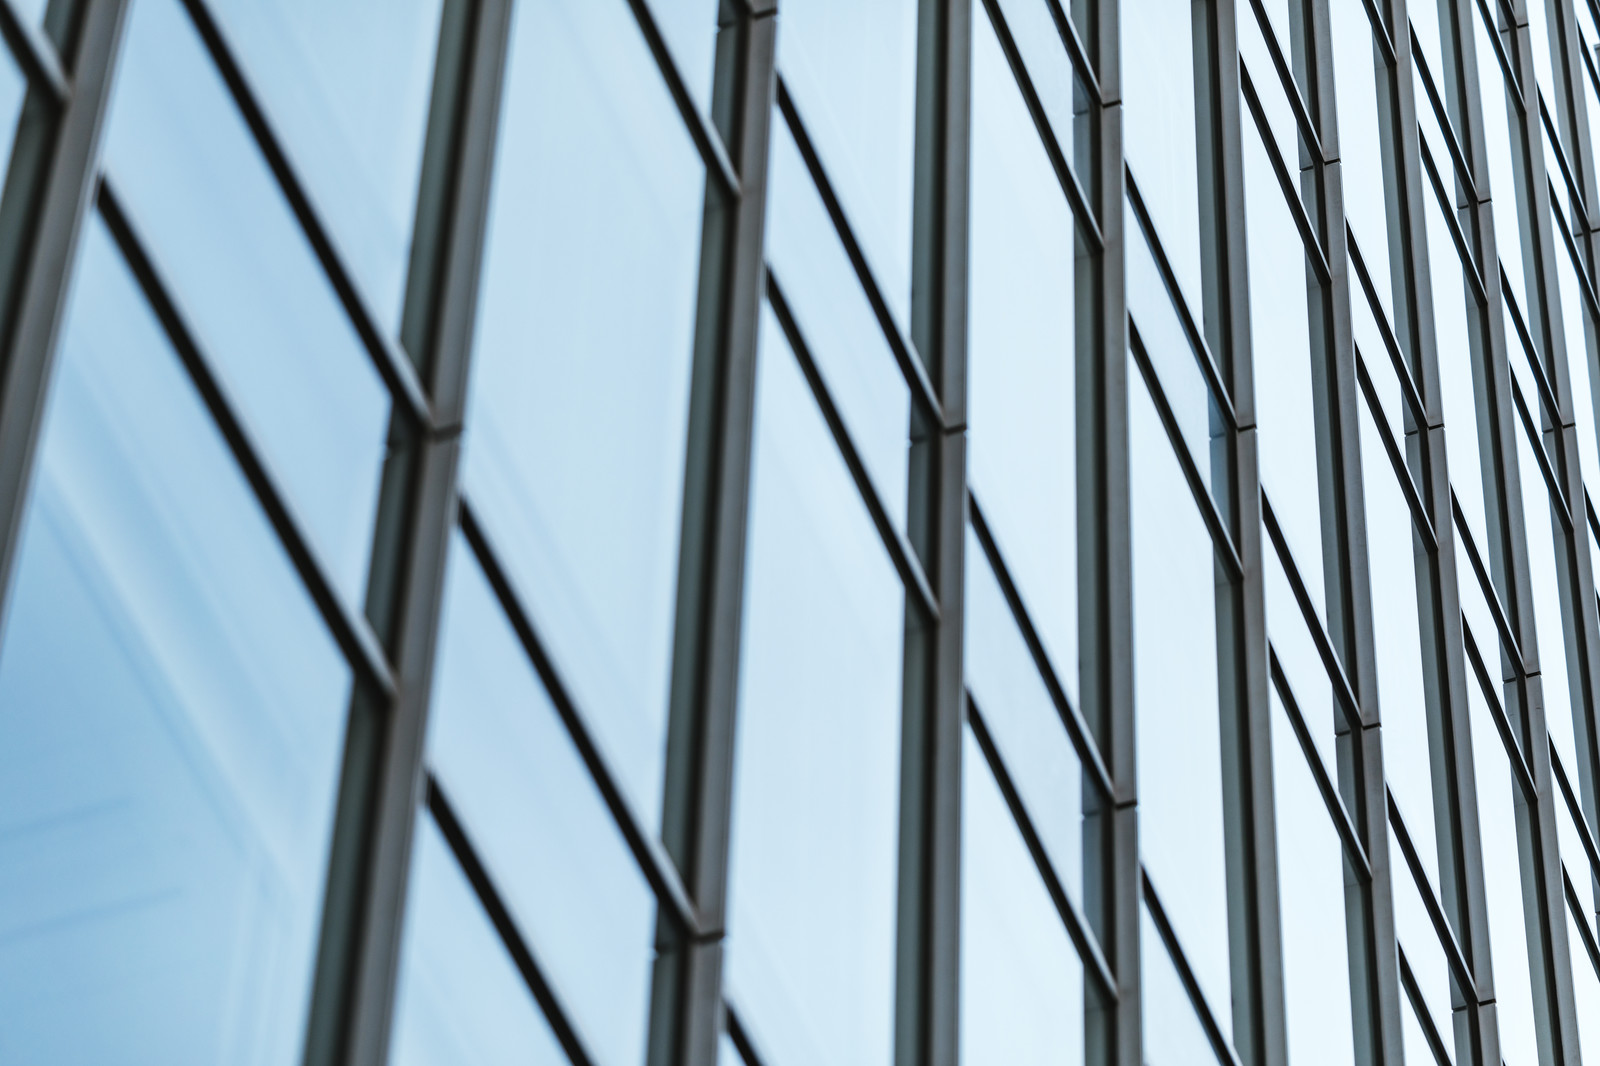 「オフィスビルの窓」の写真